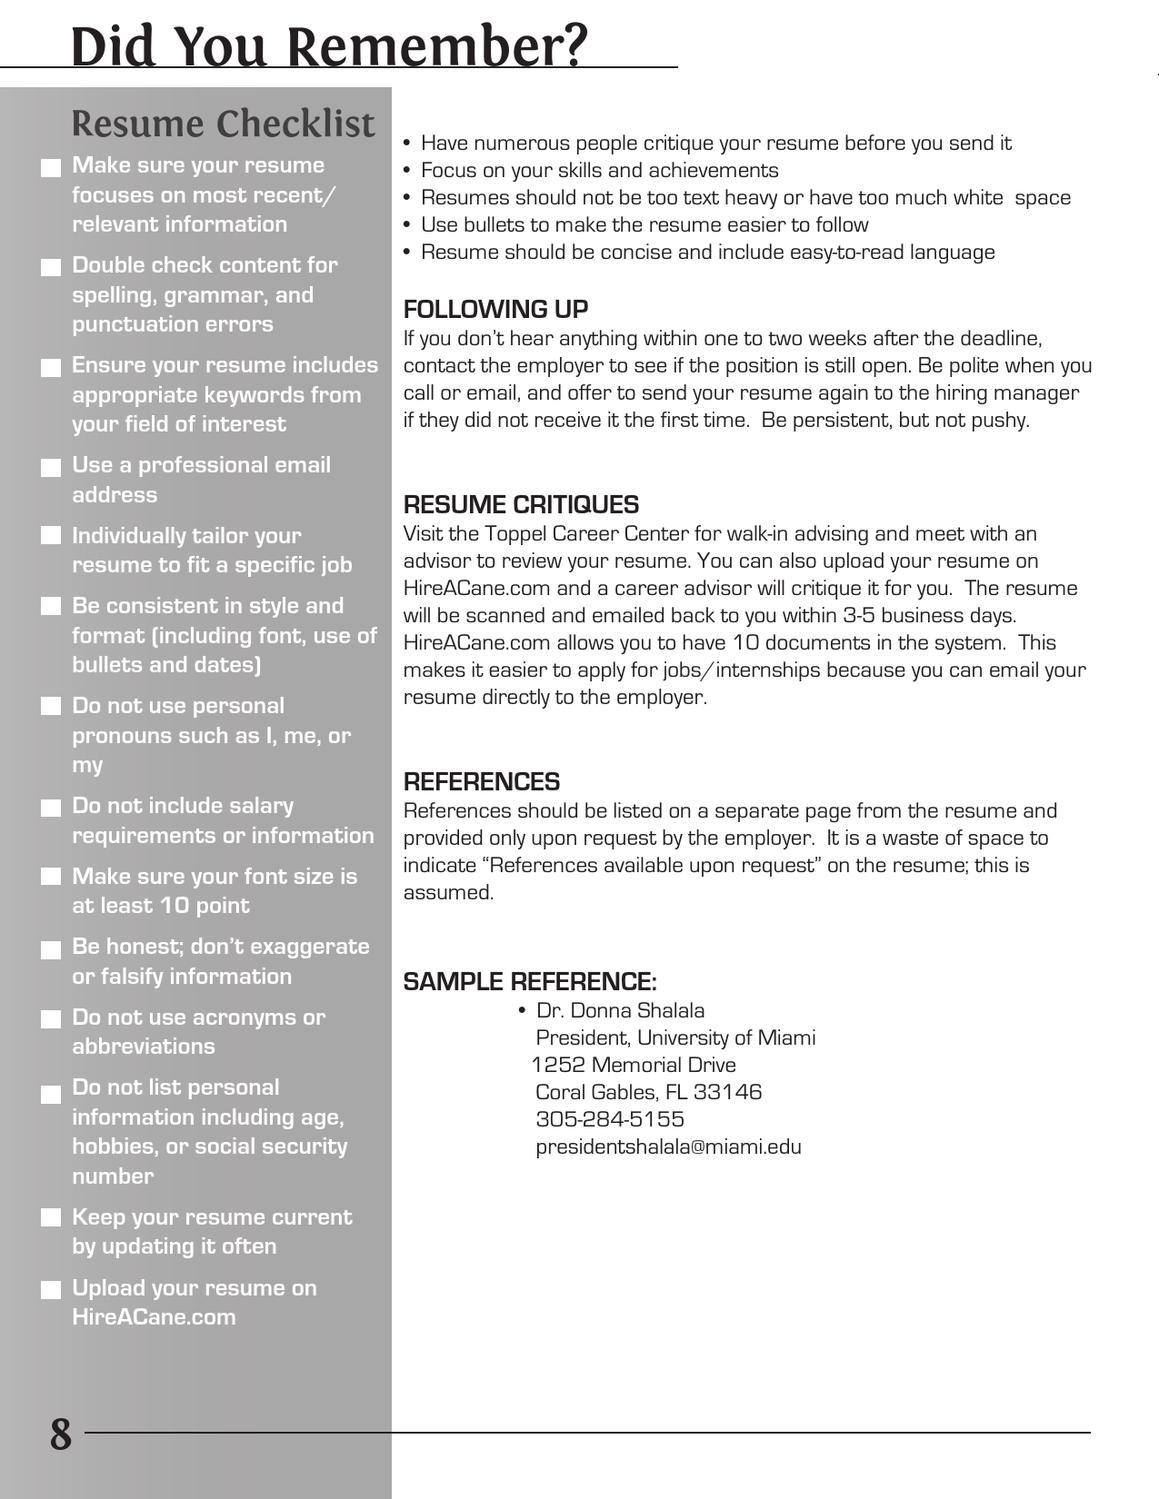 resume development guide by toppel career center